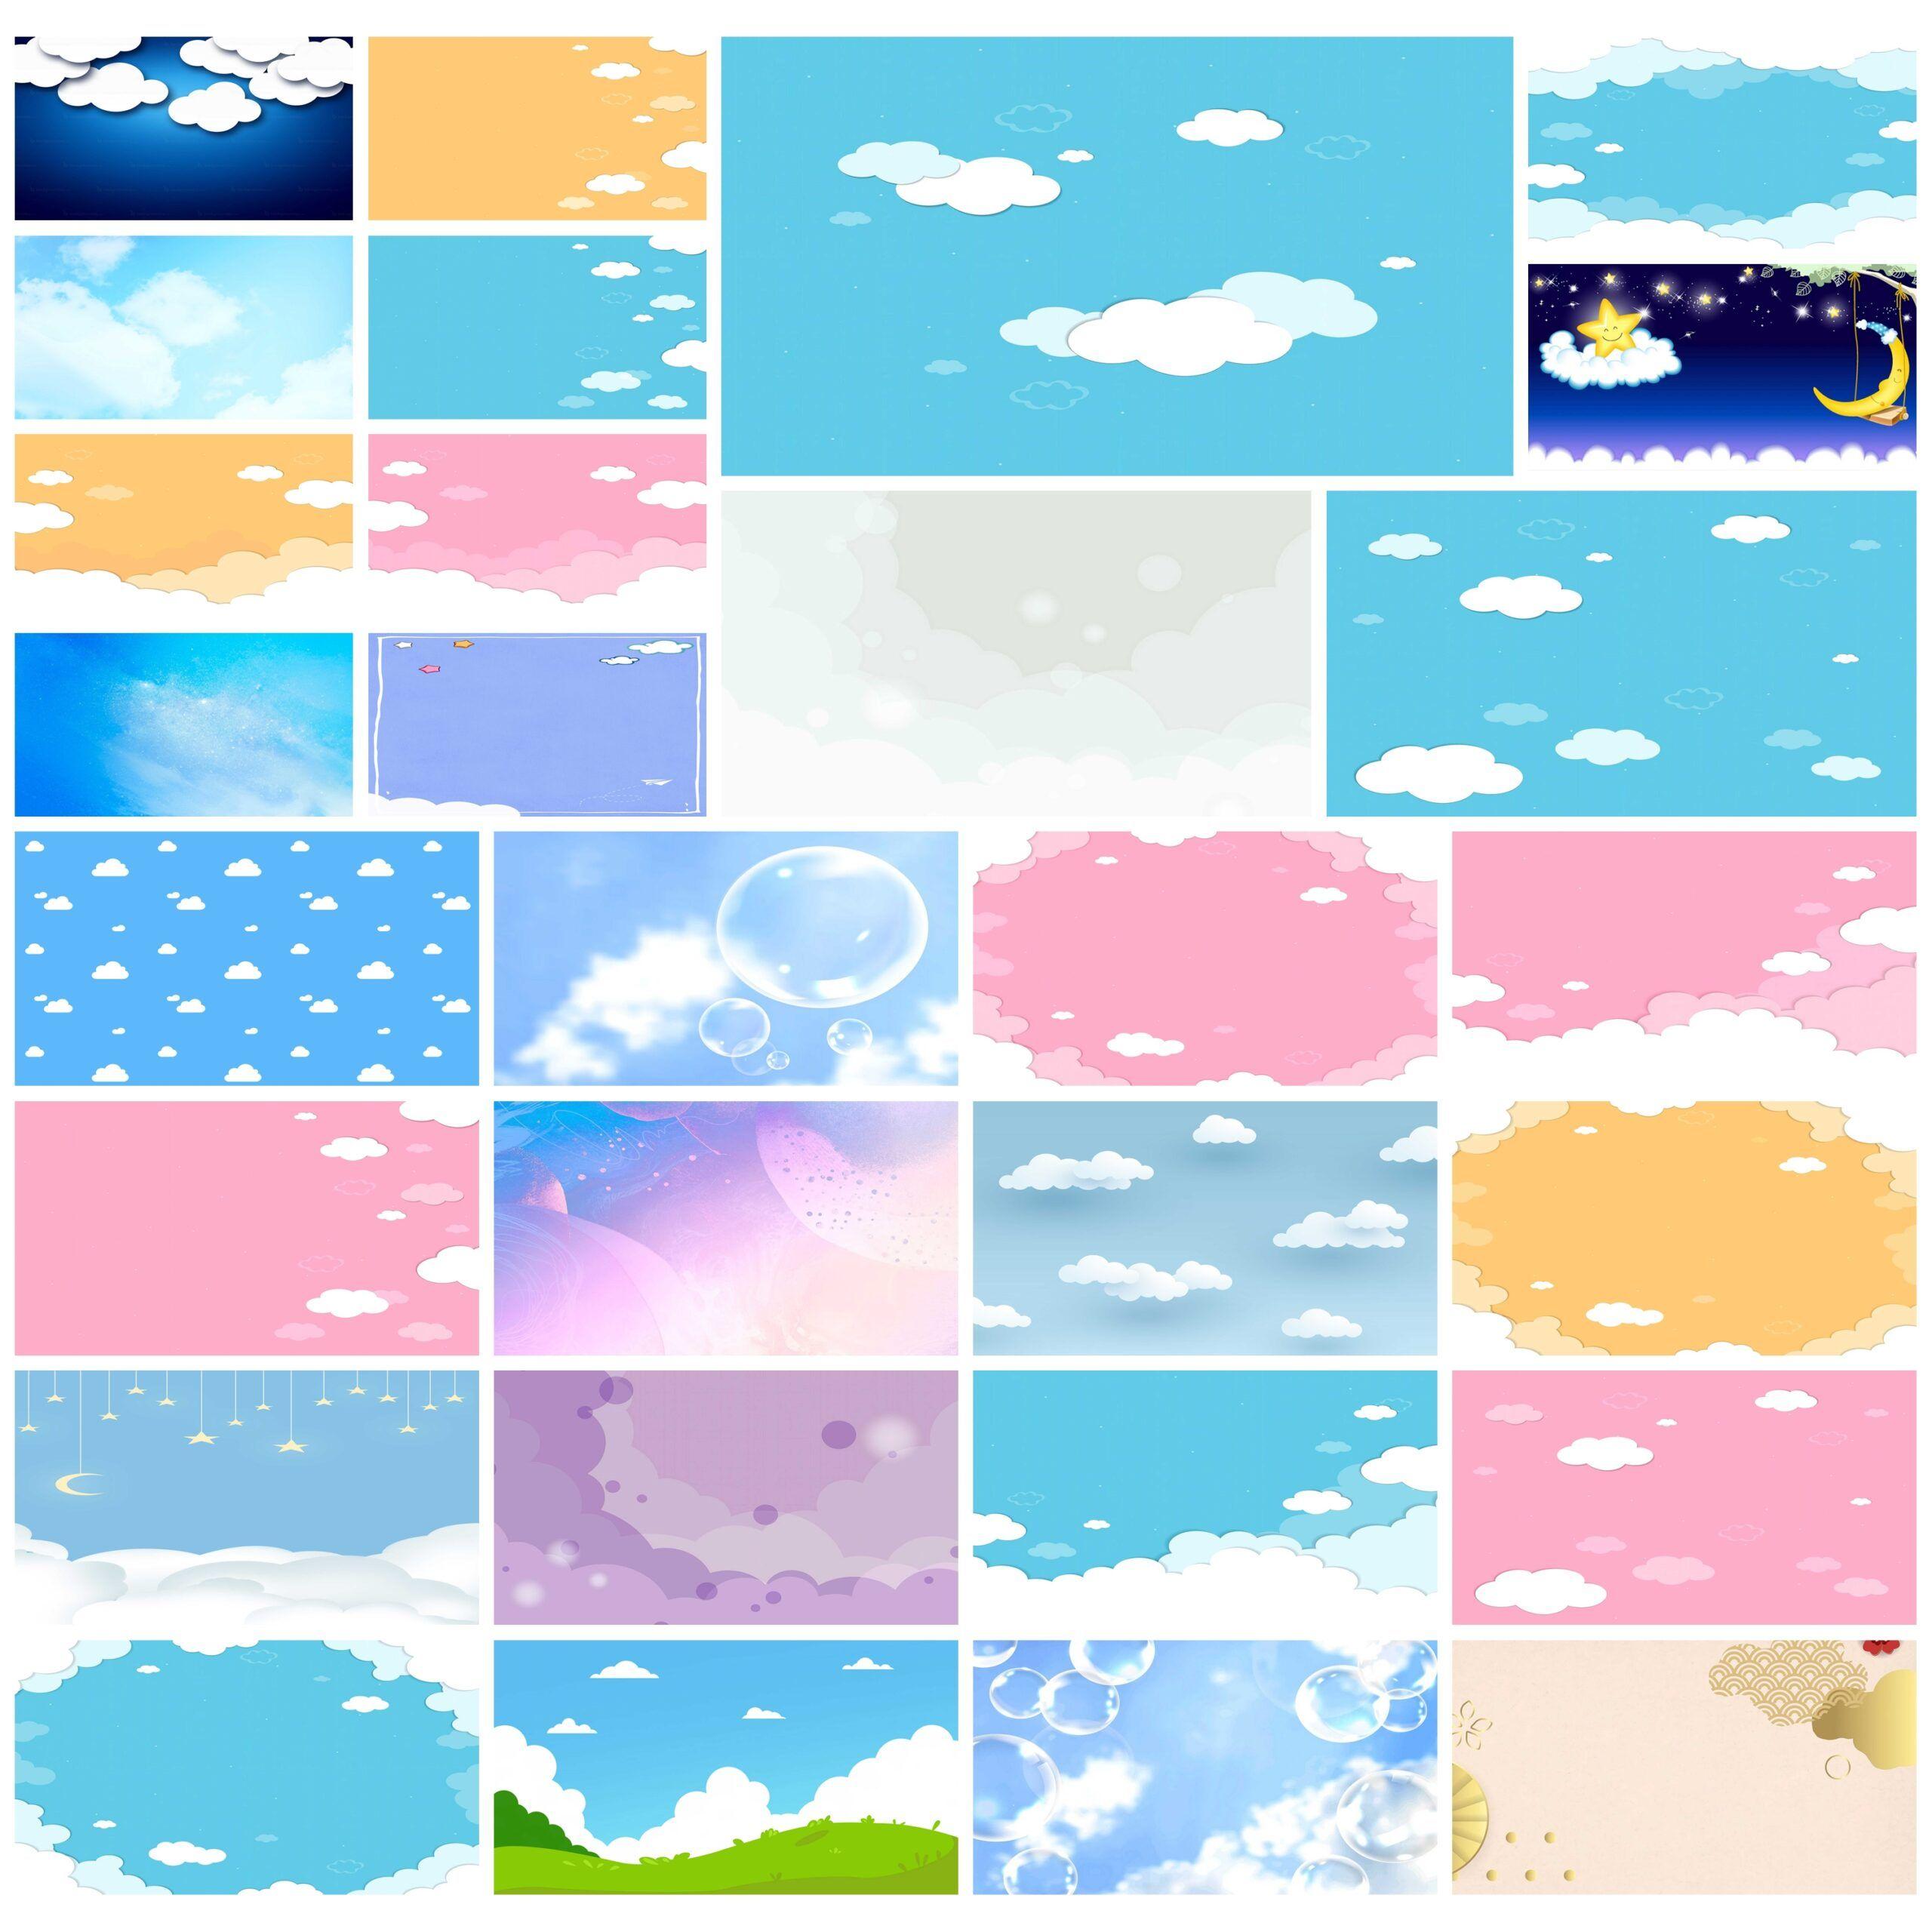 خلفيات السماء و الغيوم لعروض البوربوينت In 2021 Abstract Abstract Artwork Artwork